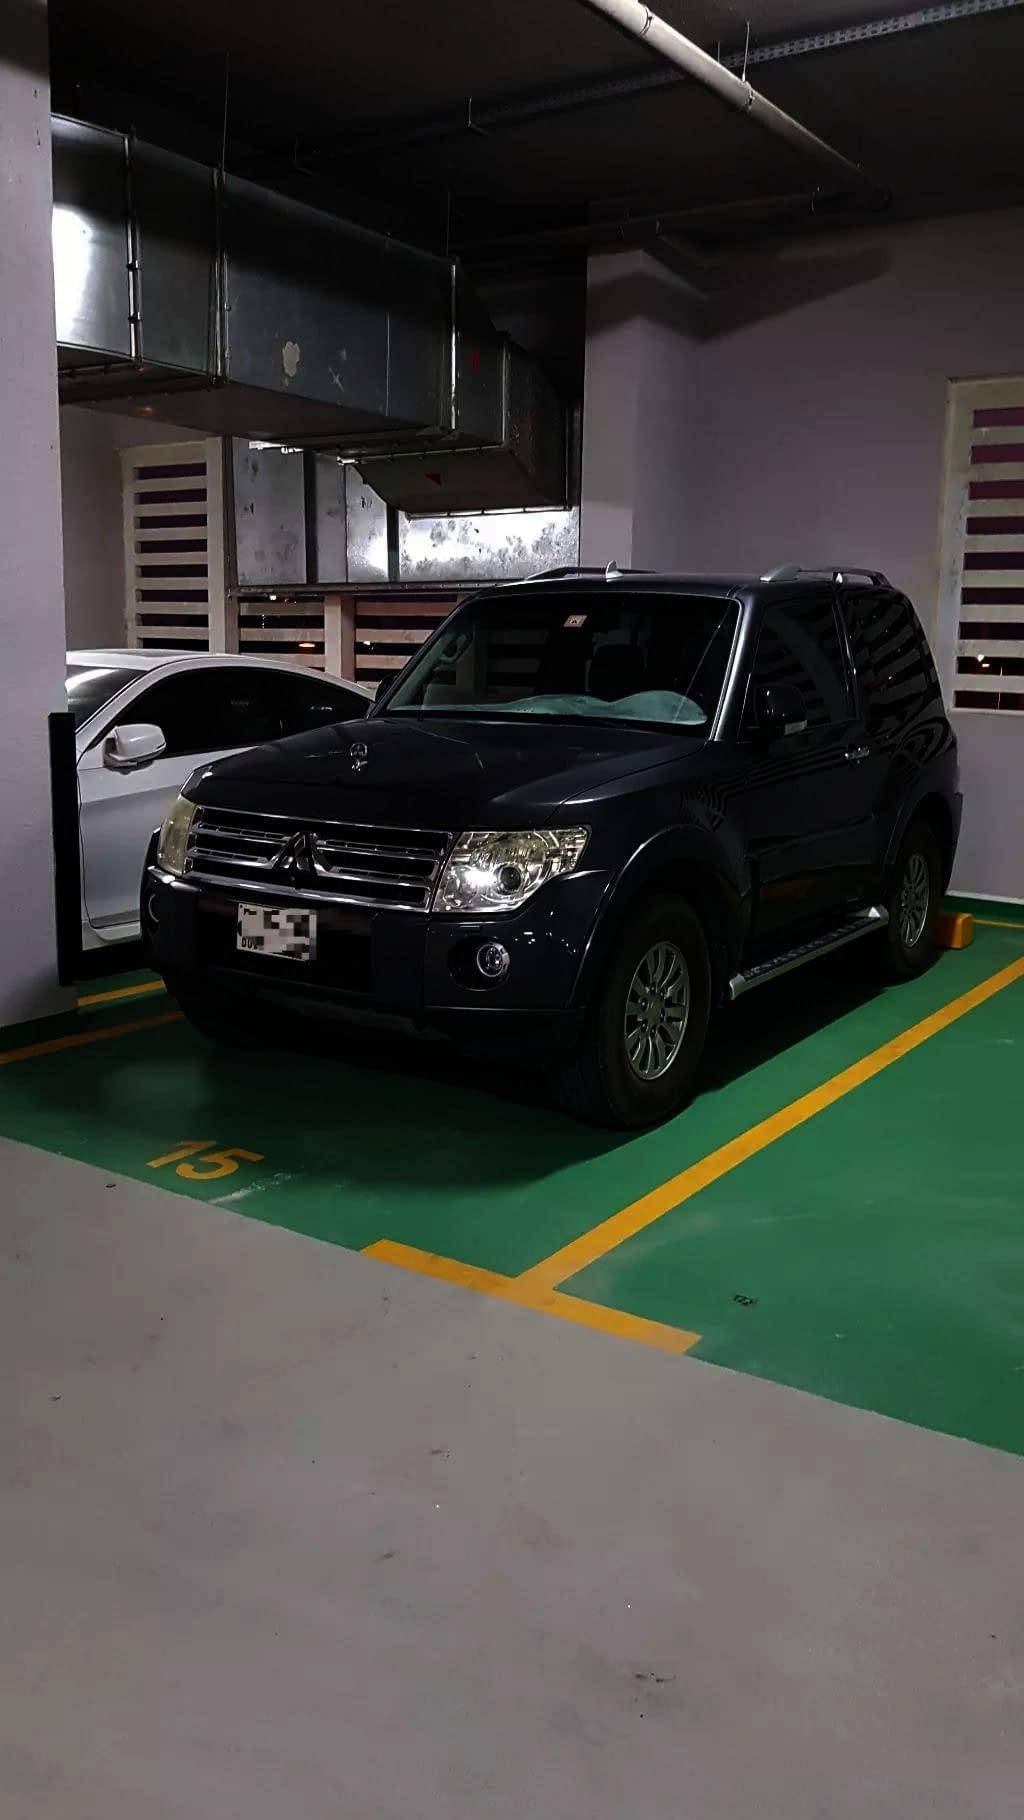 Mitsubishi Pajero 3 doors 2011 model